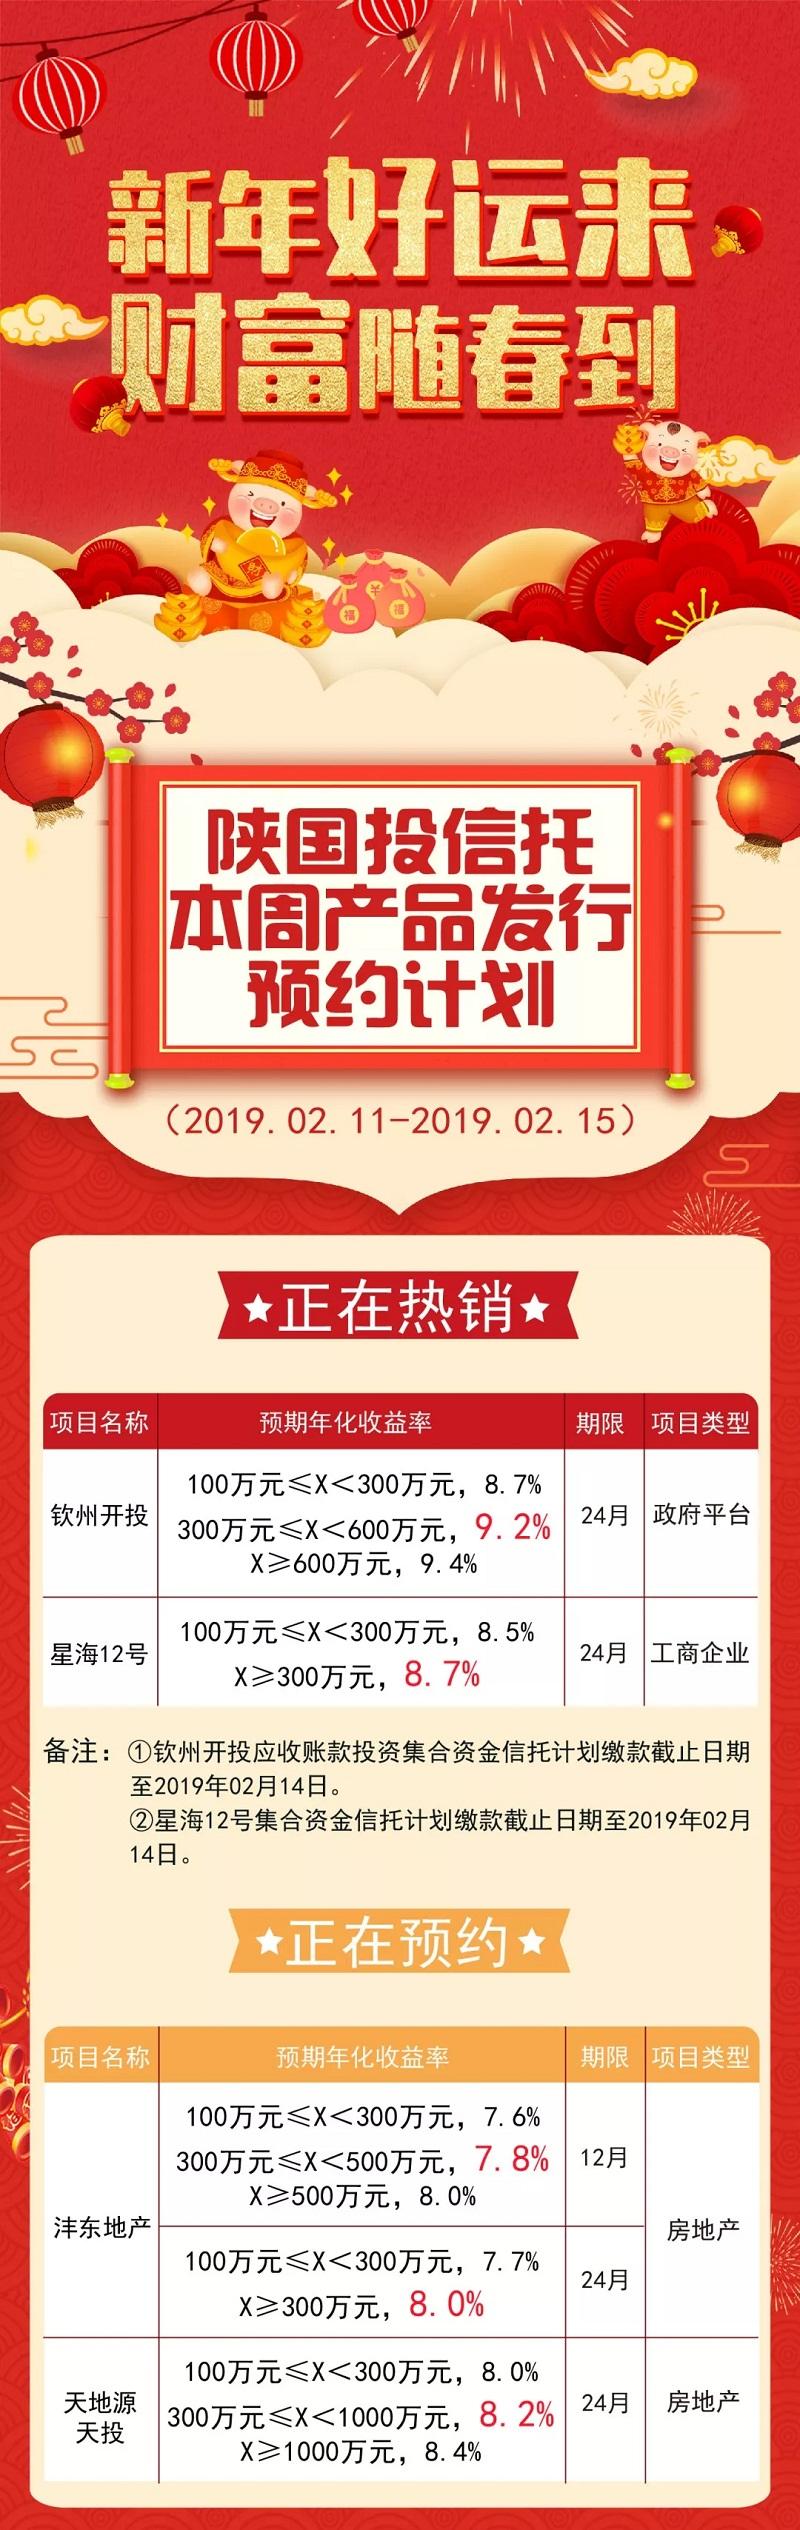 陕国投信托本周信托产品发行预约计划(2月11日-2月15日)